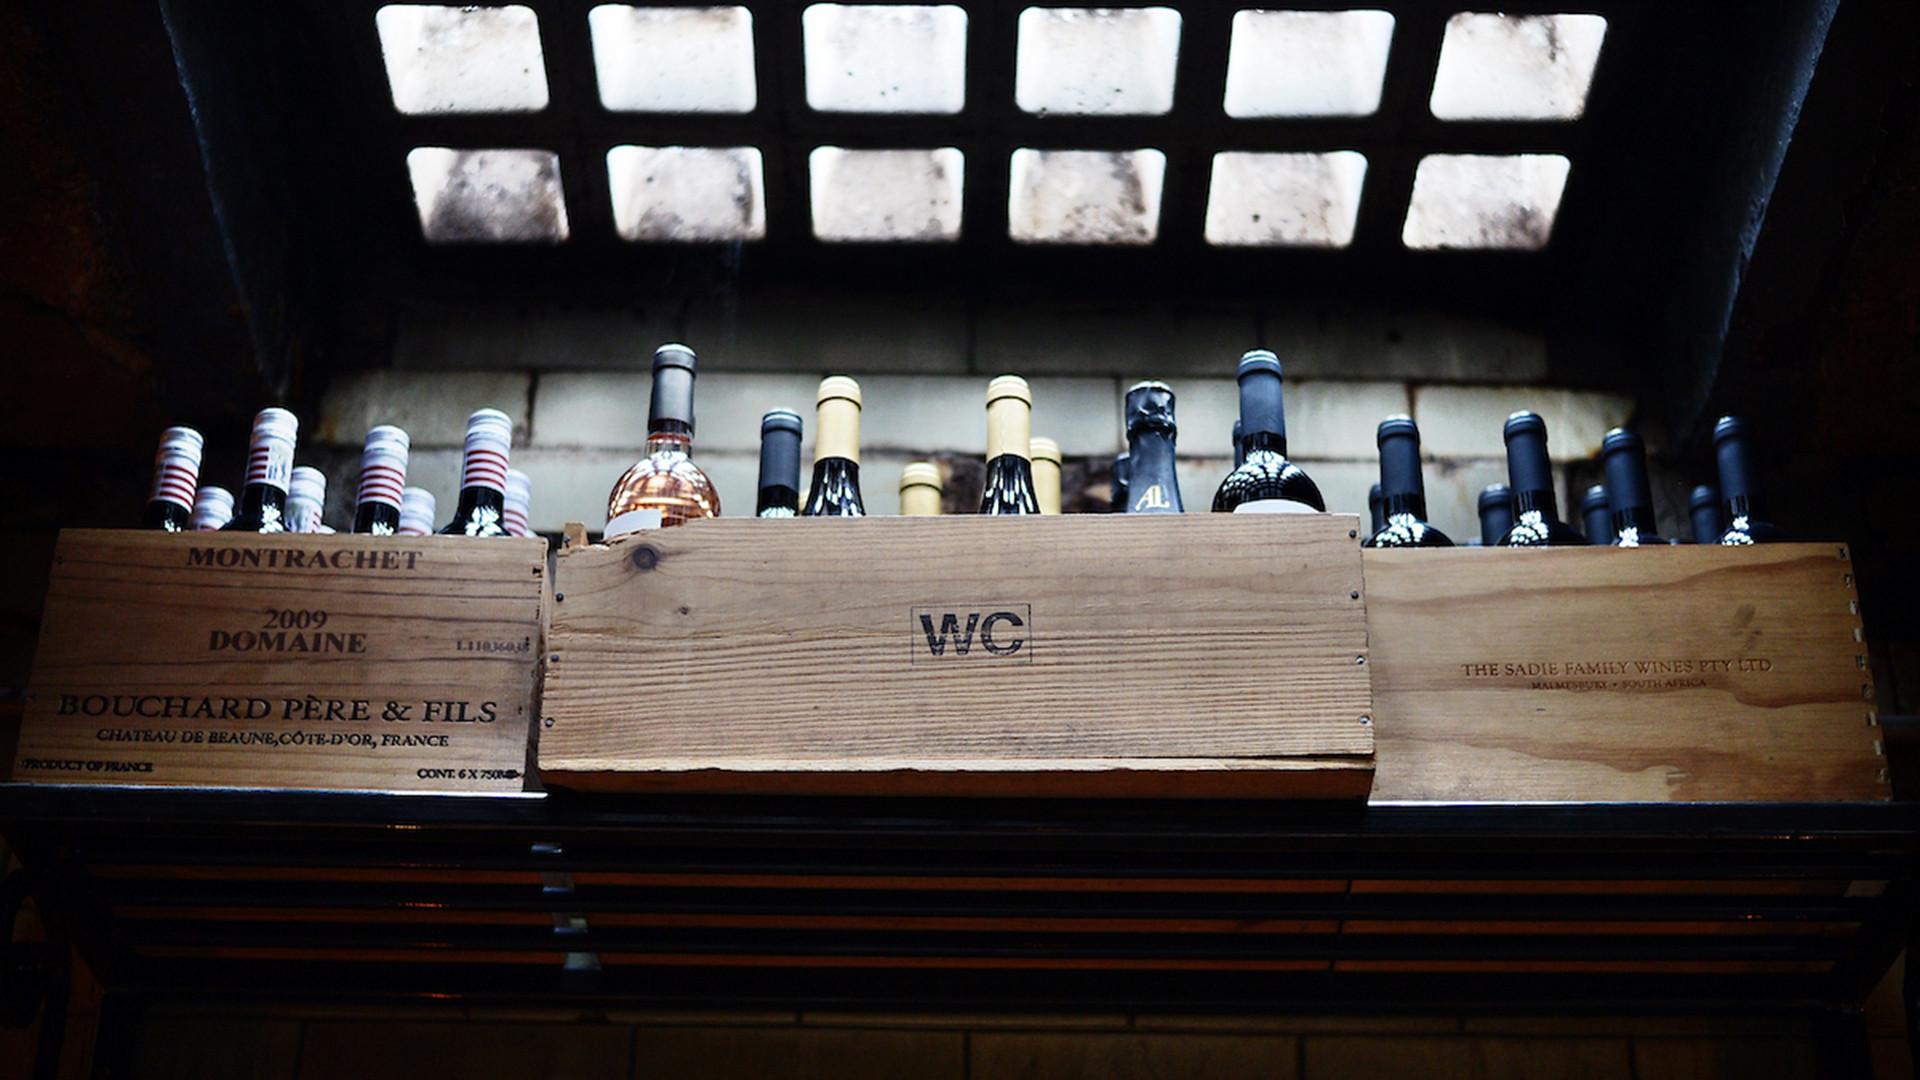 London's best basement bars: WC Clapham